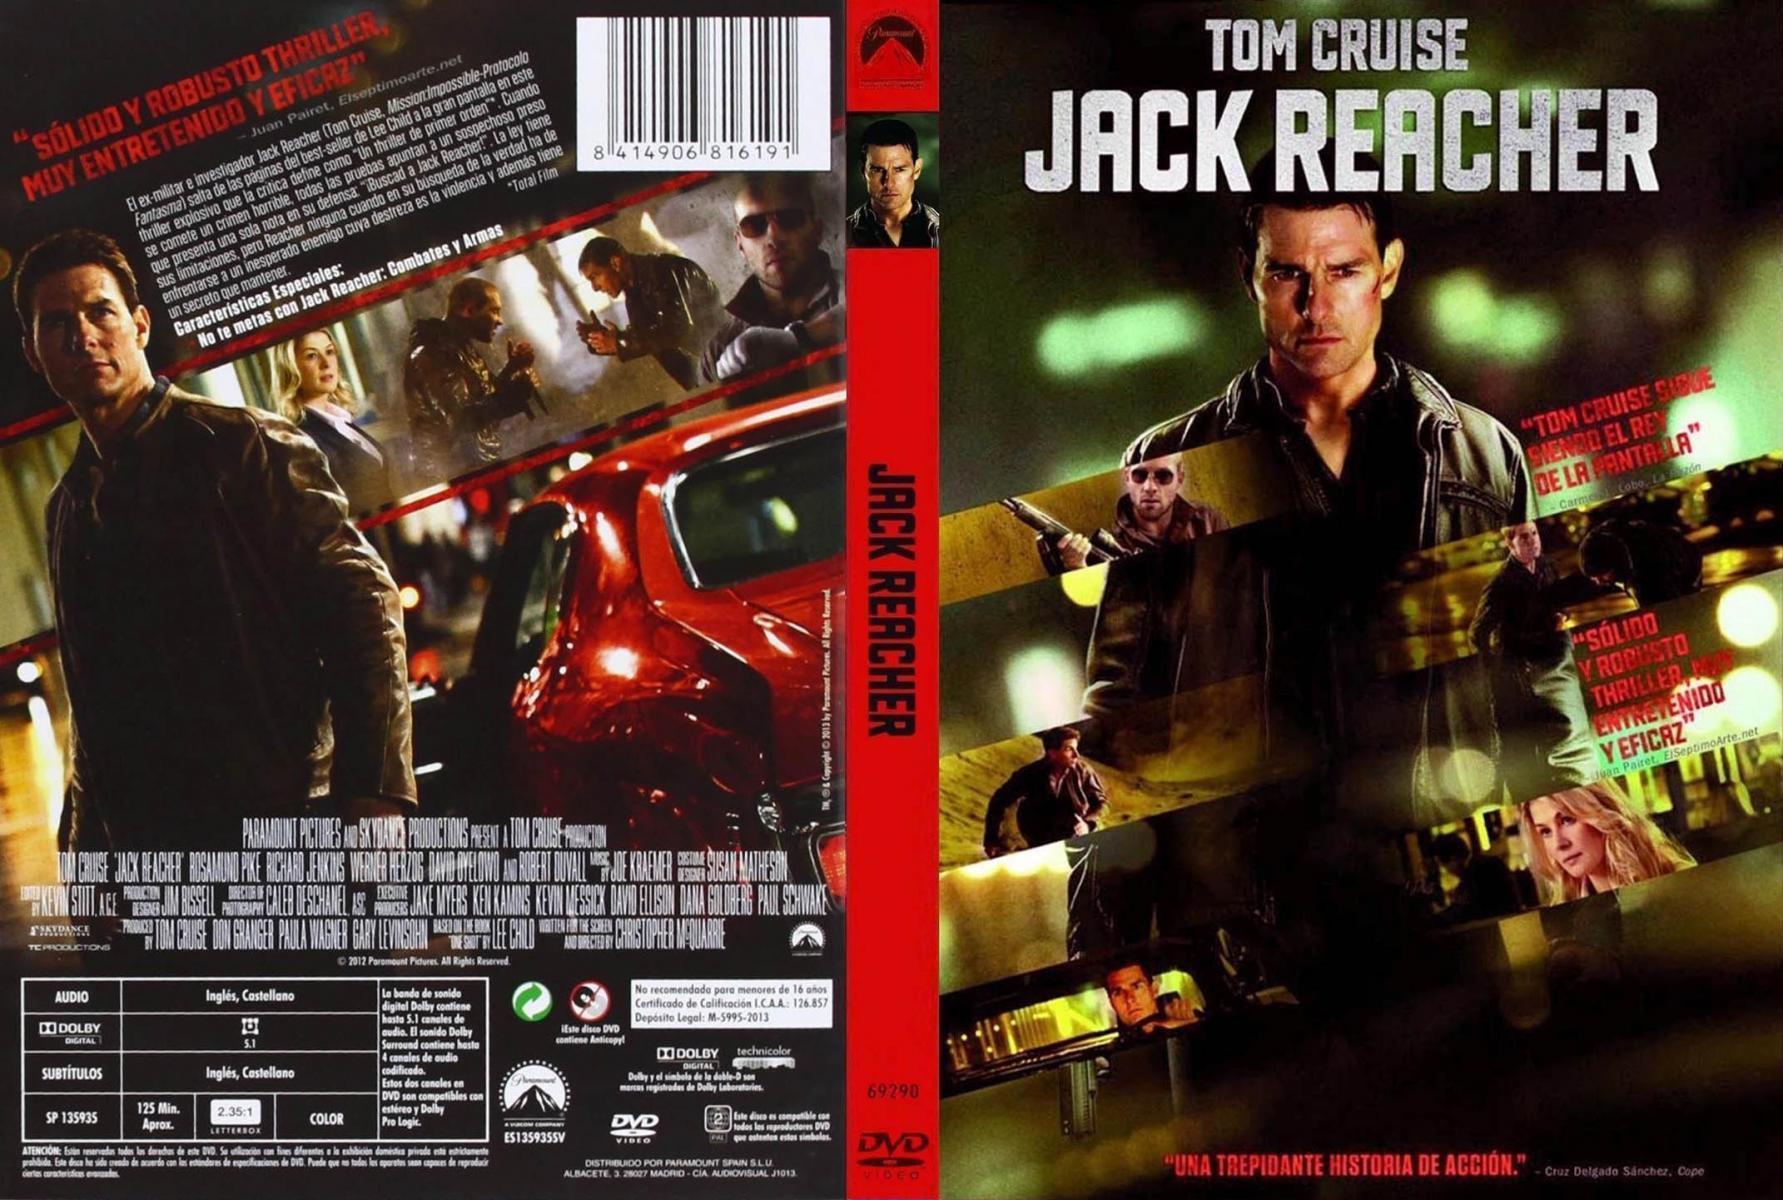 Jack Reacher 2012 Filmaffinity